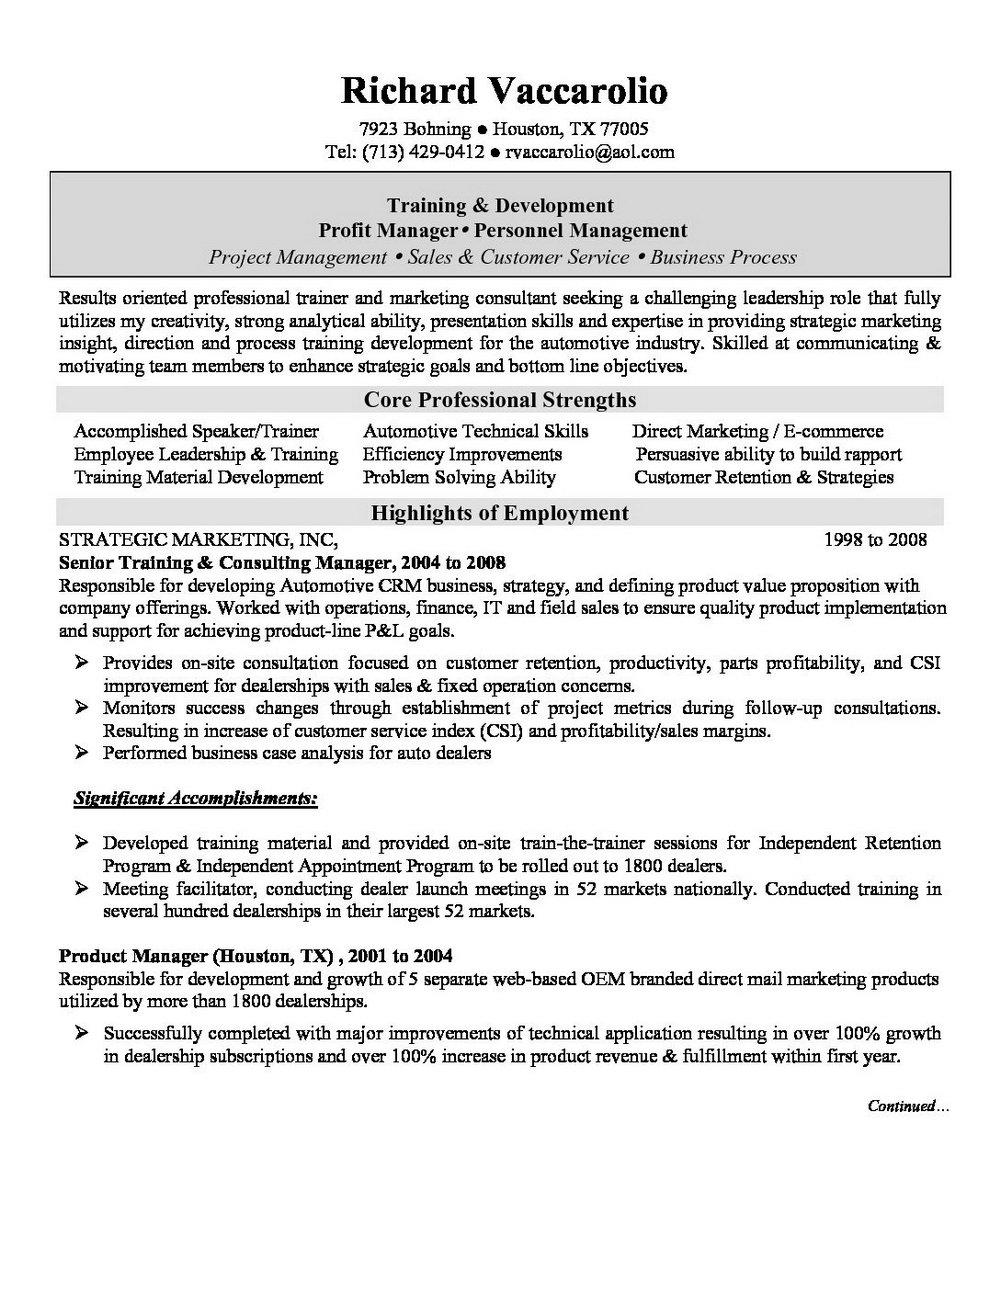 Resume Templates Pdf Free Download